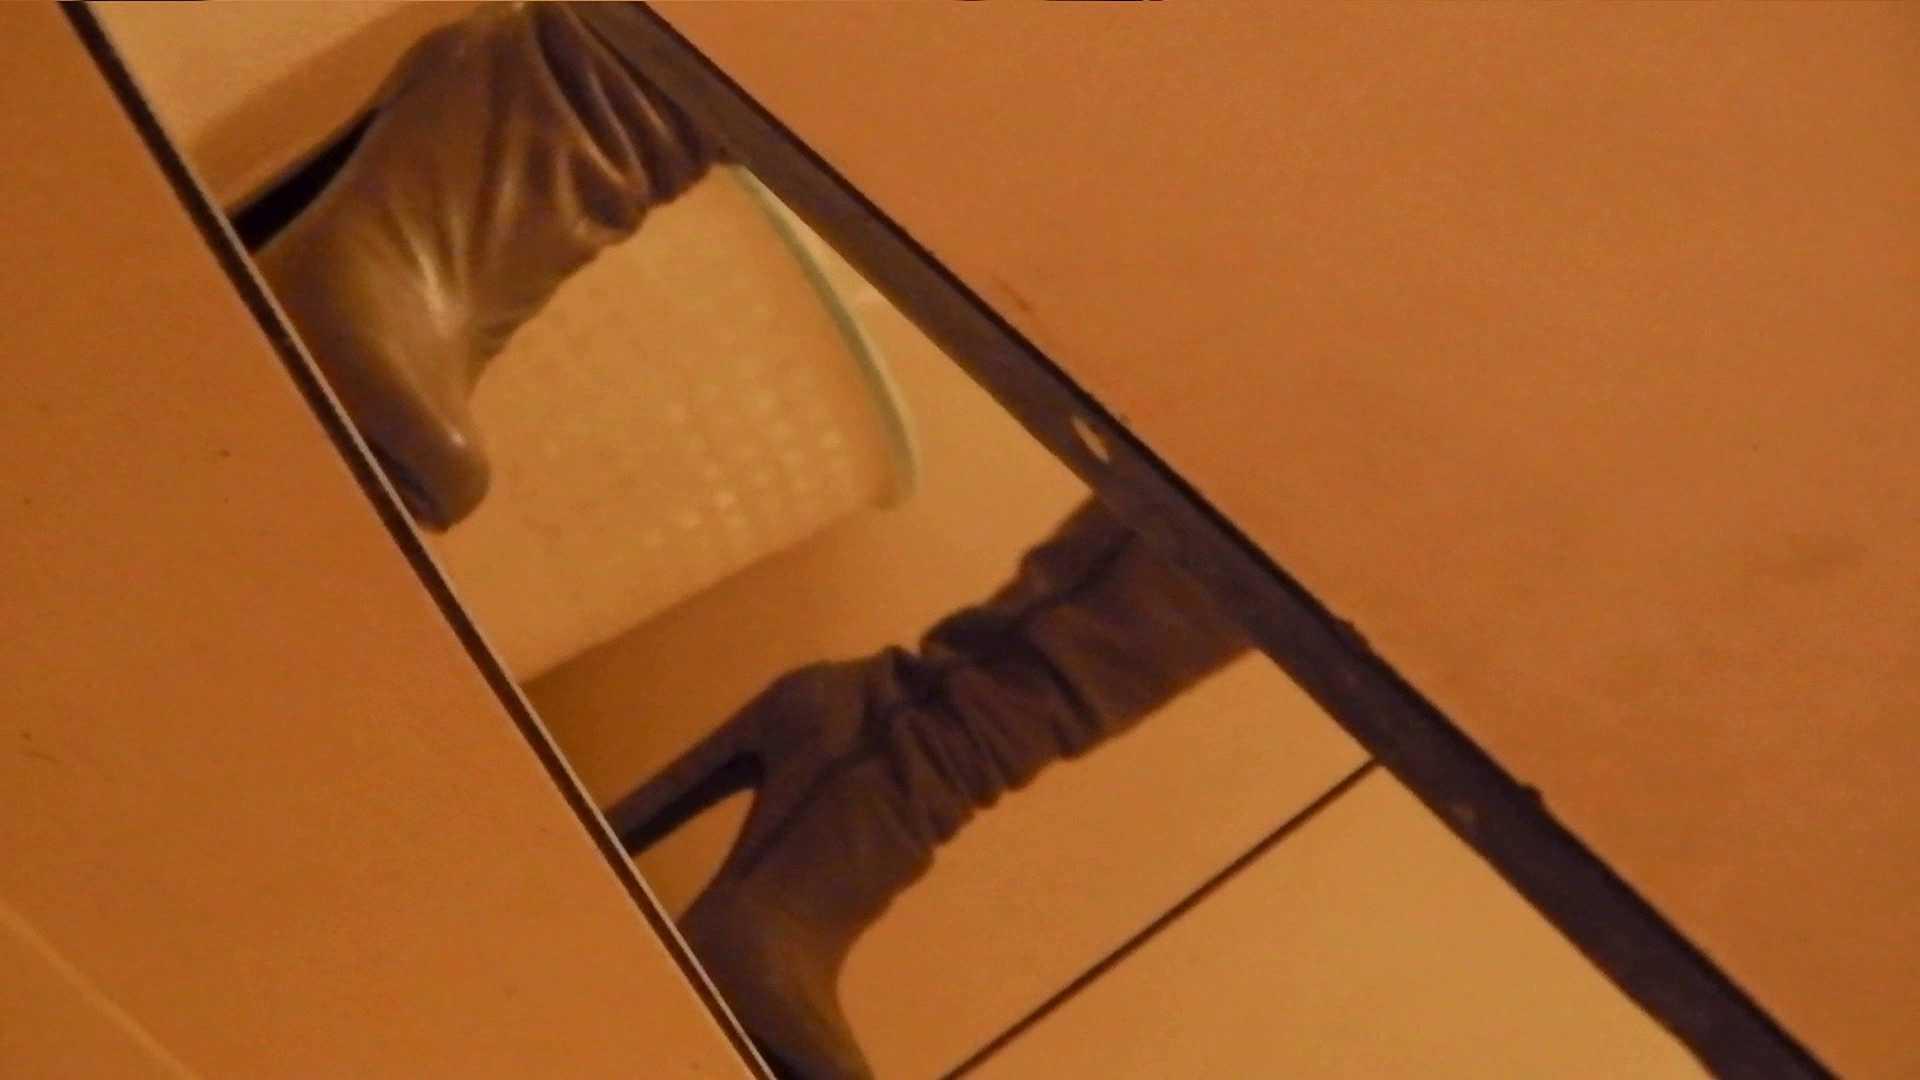 世界の射窓から vol.5 エッチなお姉さん SEX無修正画像 78画像 39